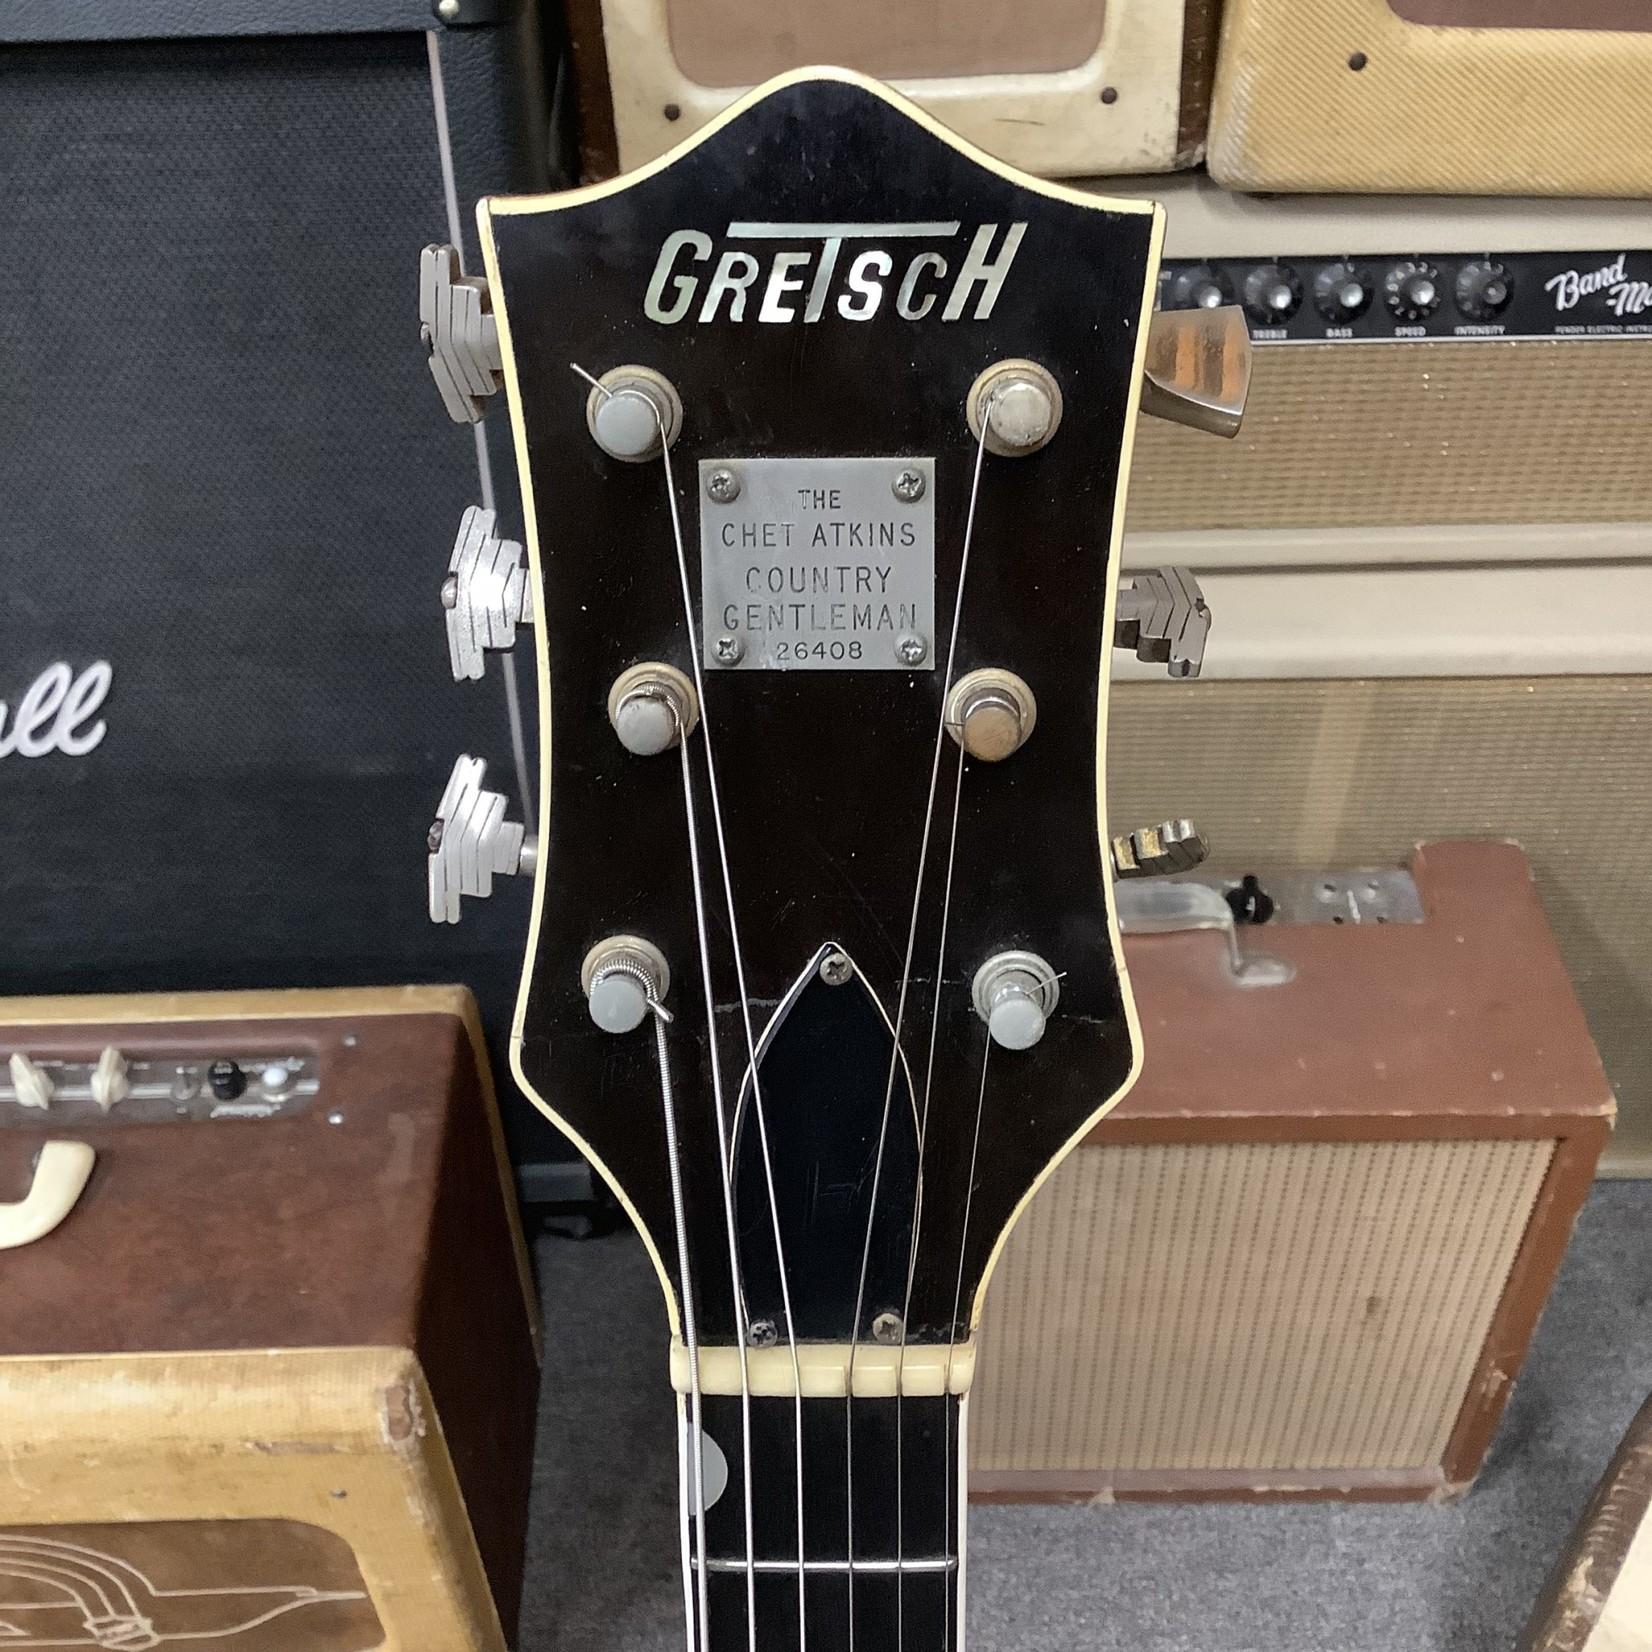 Gretsch 1958 Gretsch Country Gentleman